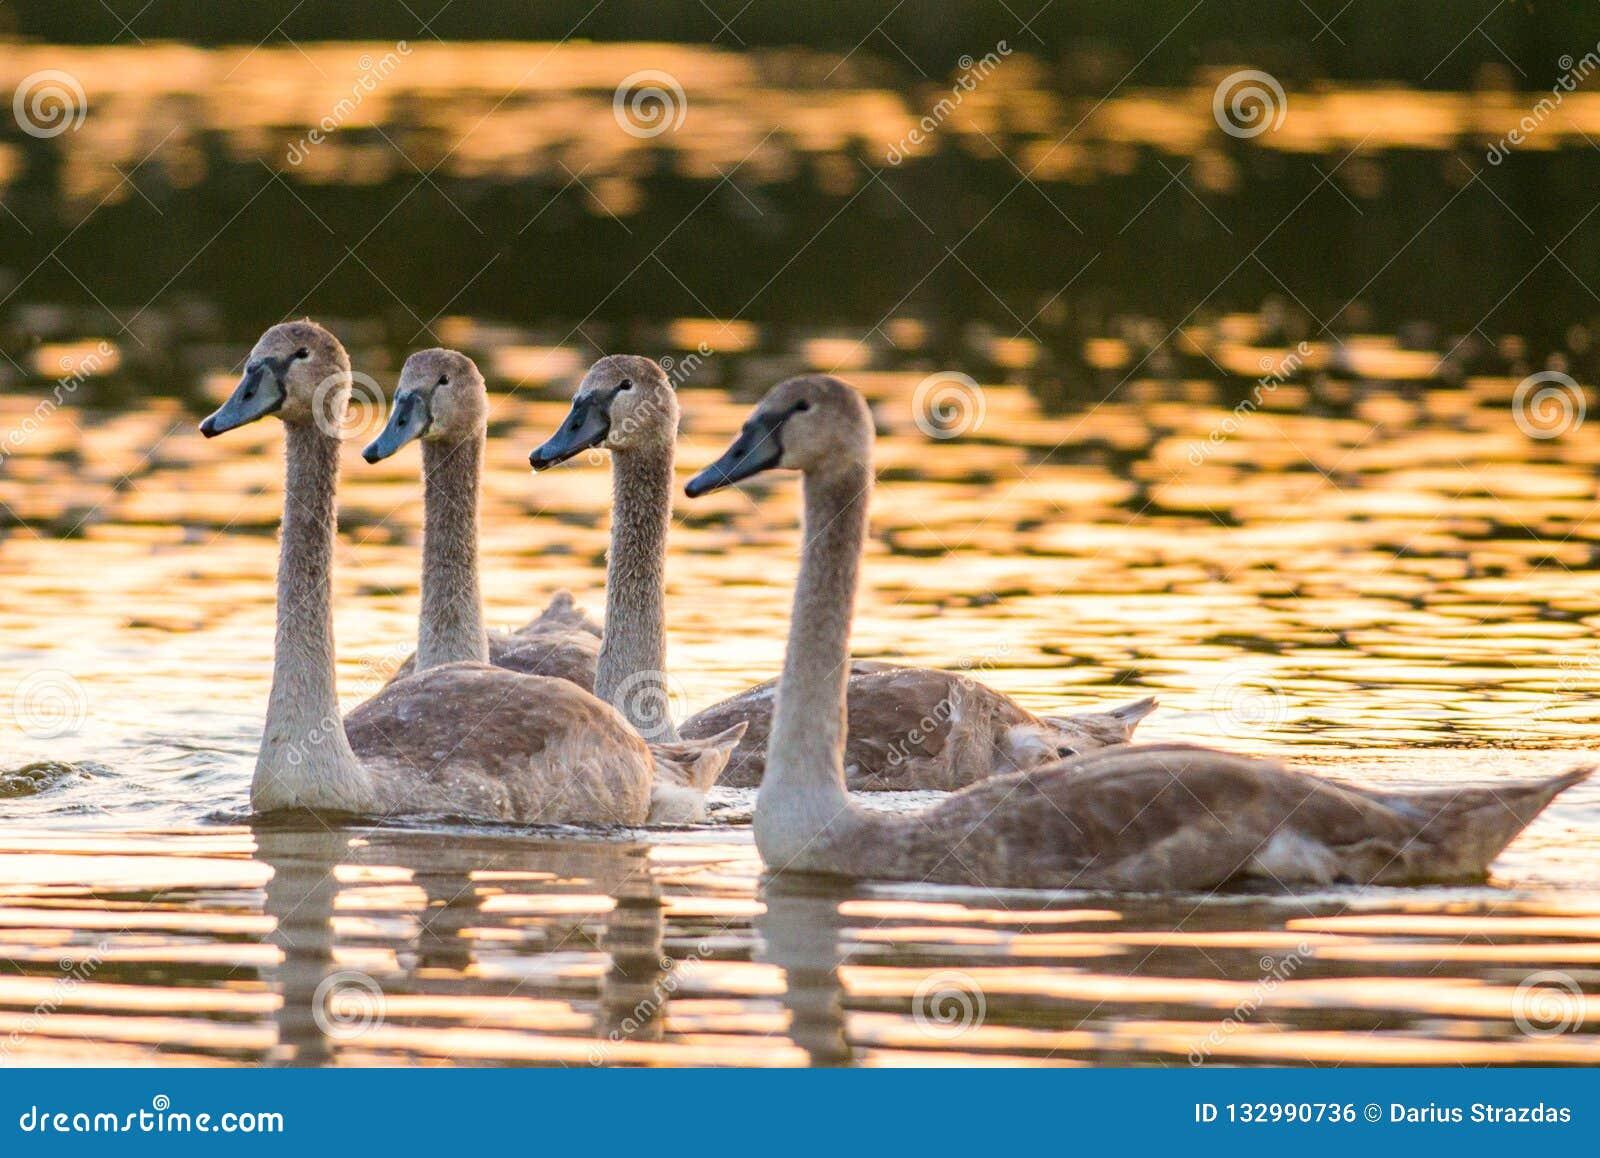 Τέσσερις νέοι βουβόκυκνοι στη λίμνη